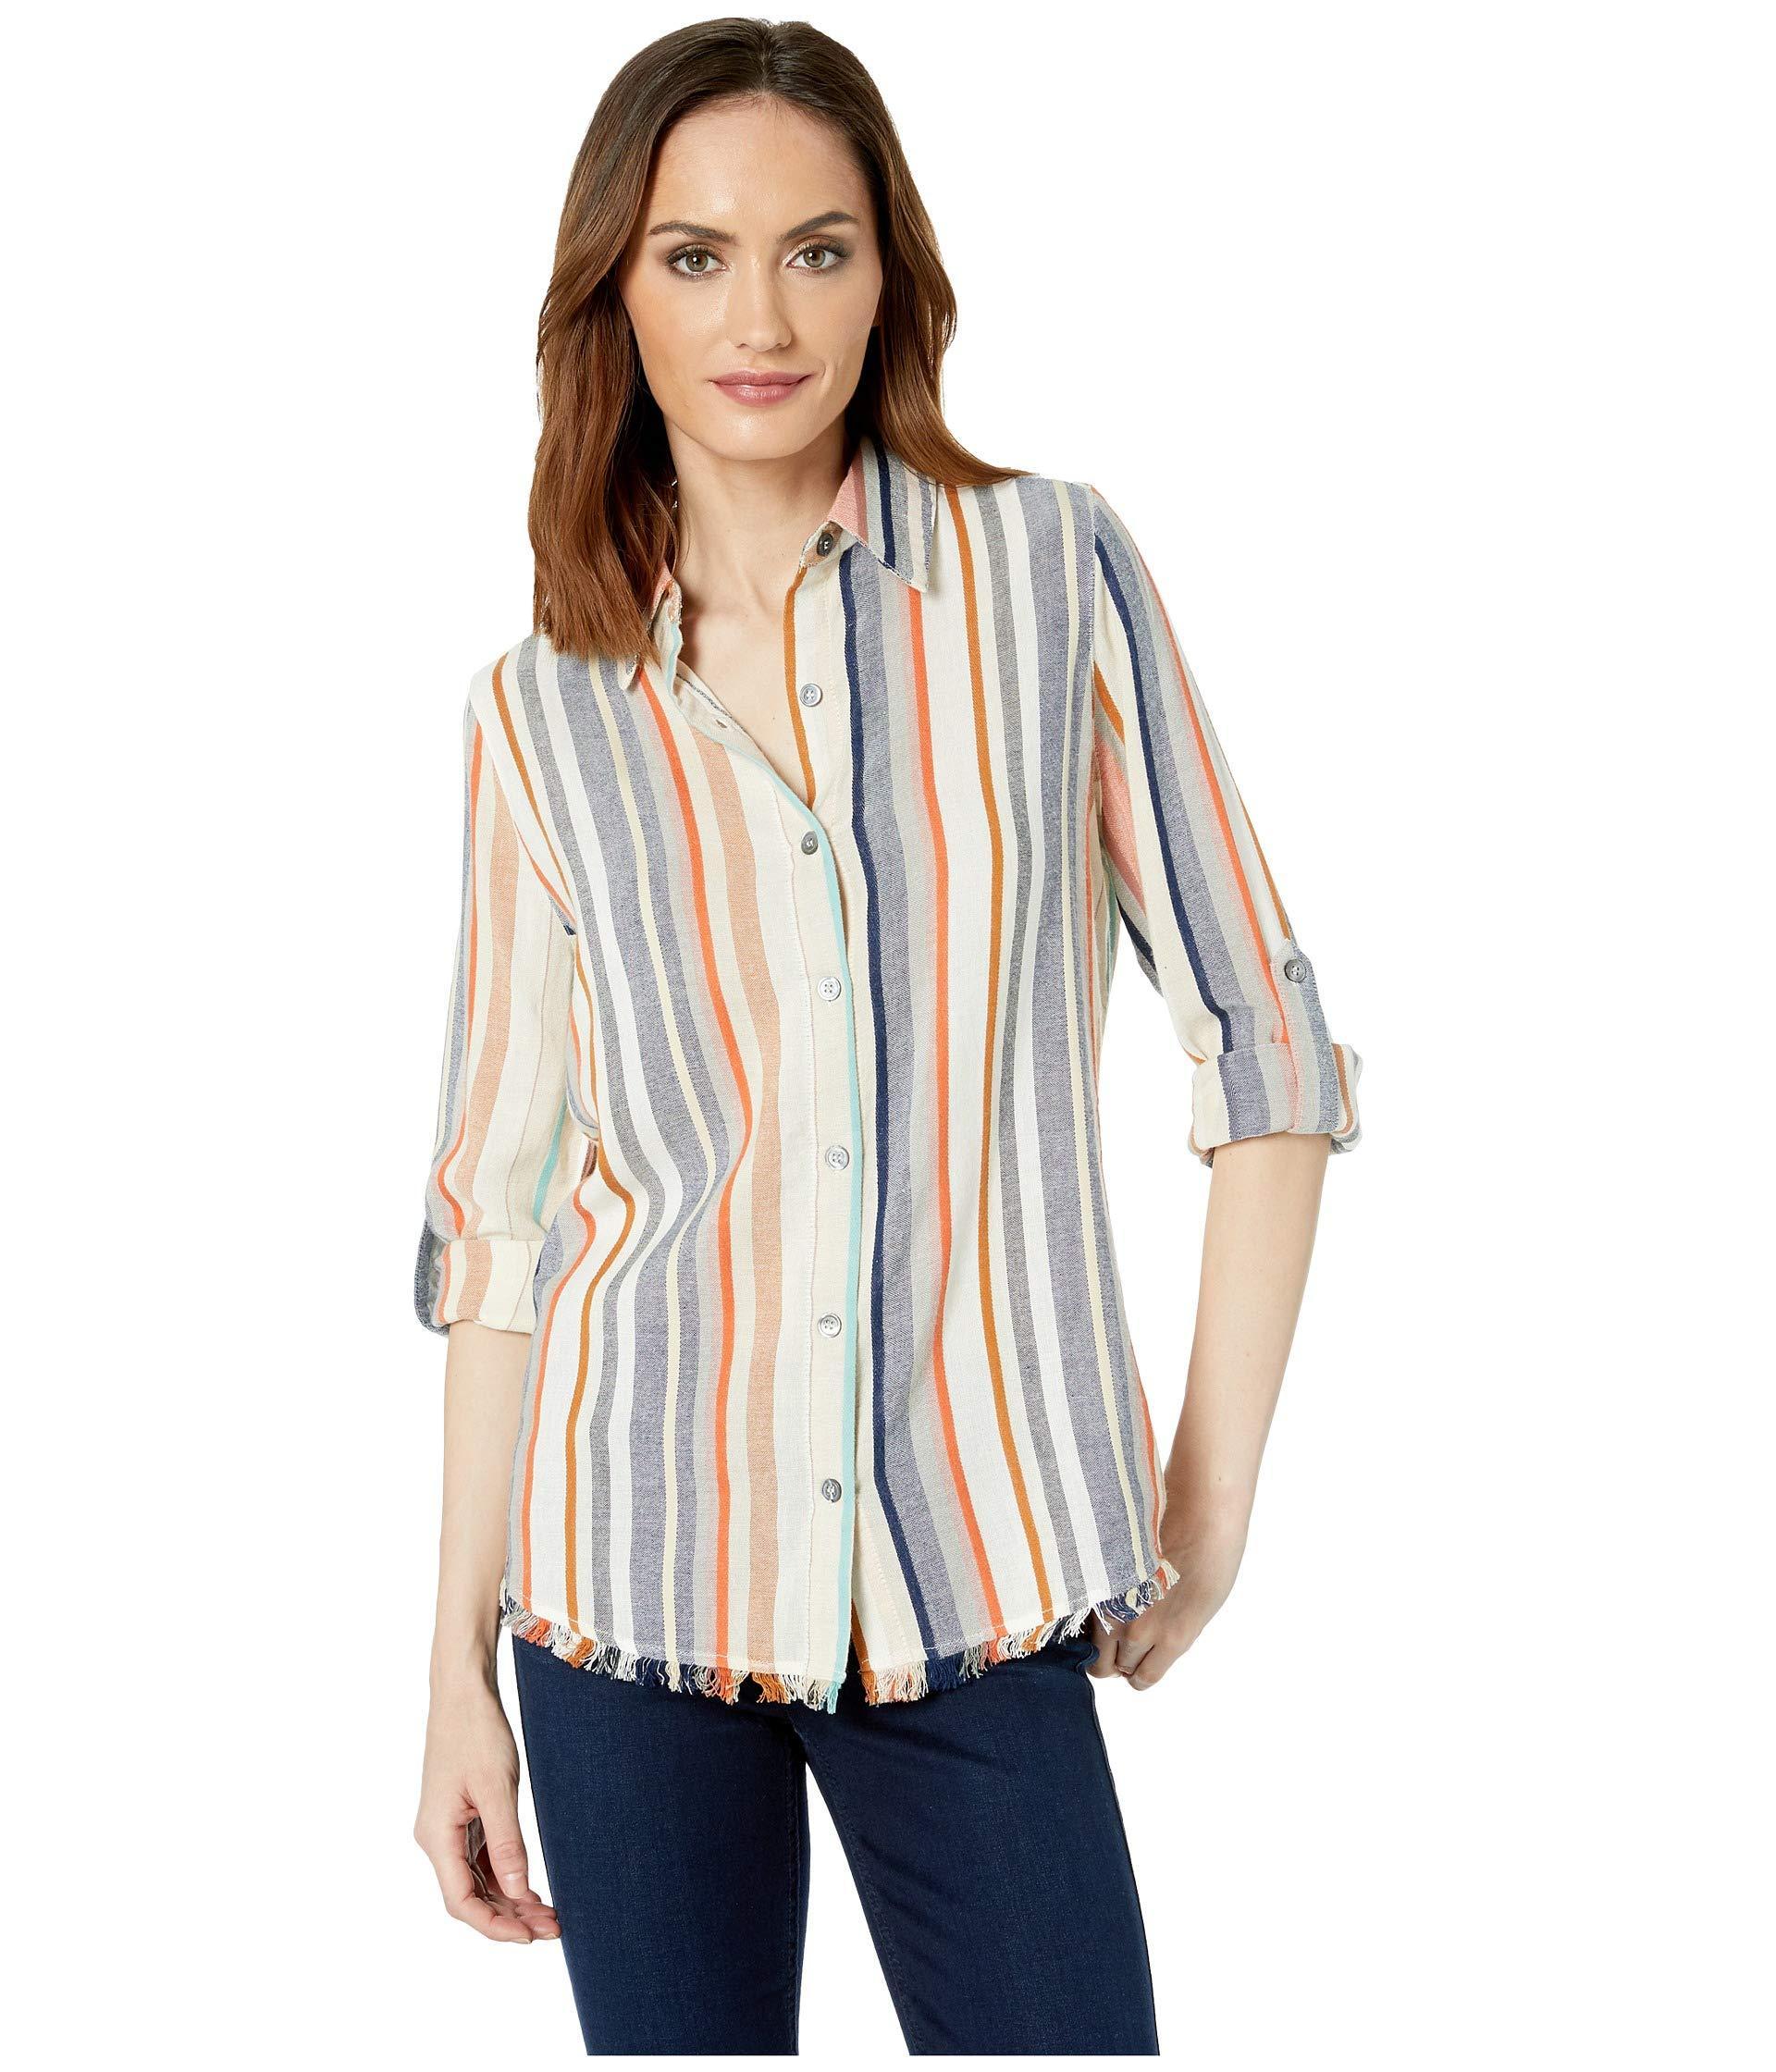 90b96329 Karen Kane Fringe Button Up Shirt (stripe) Women's Clothing - Lyst